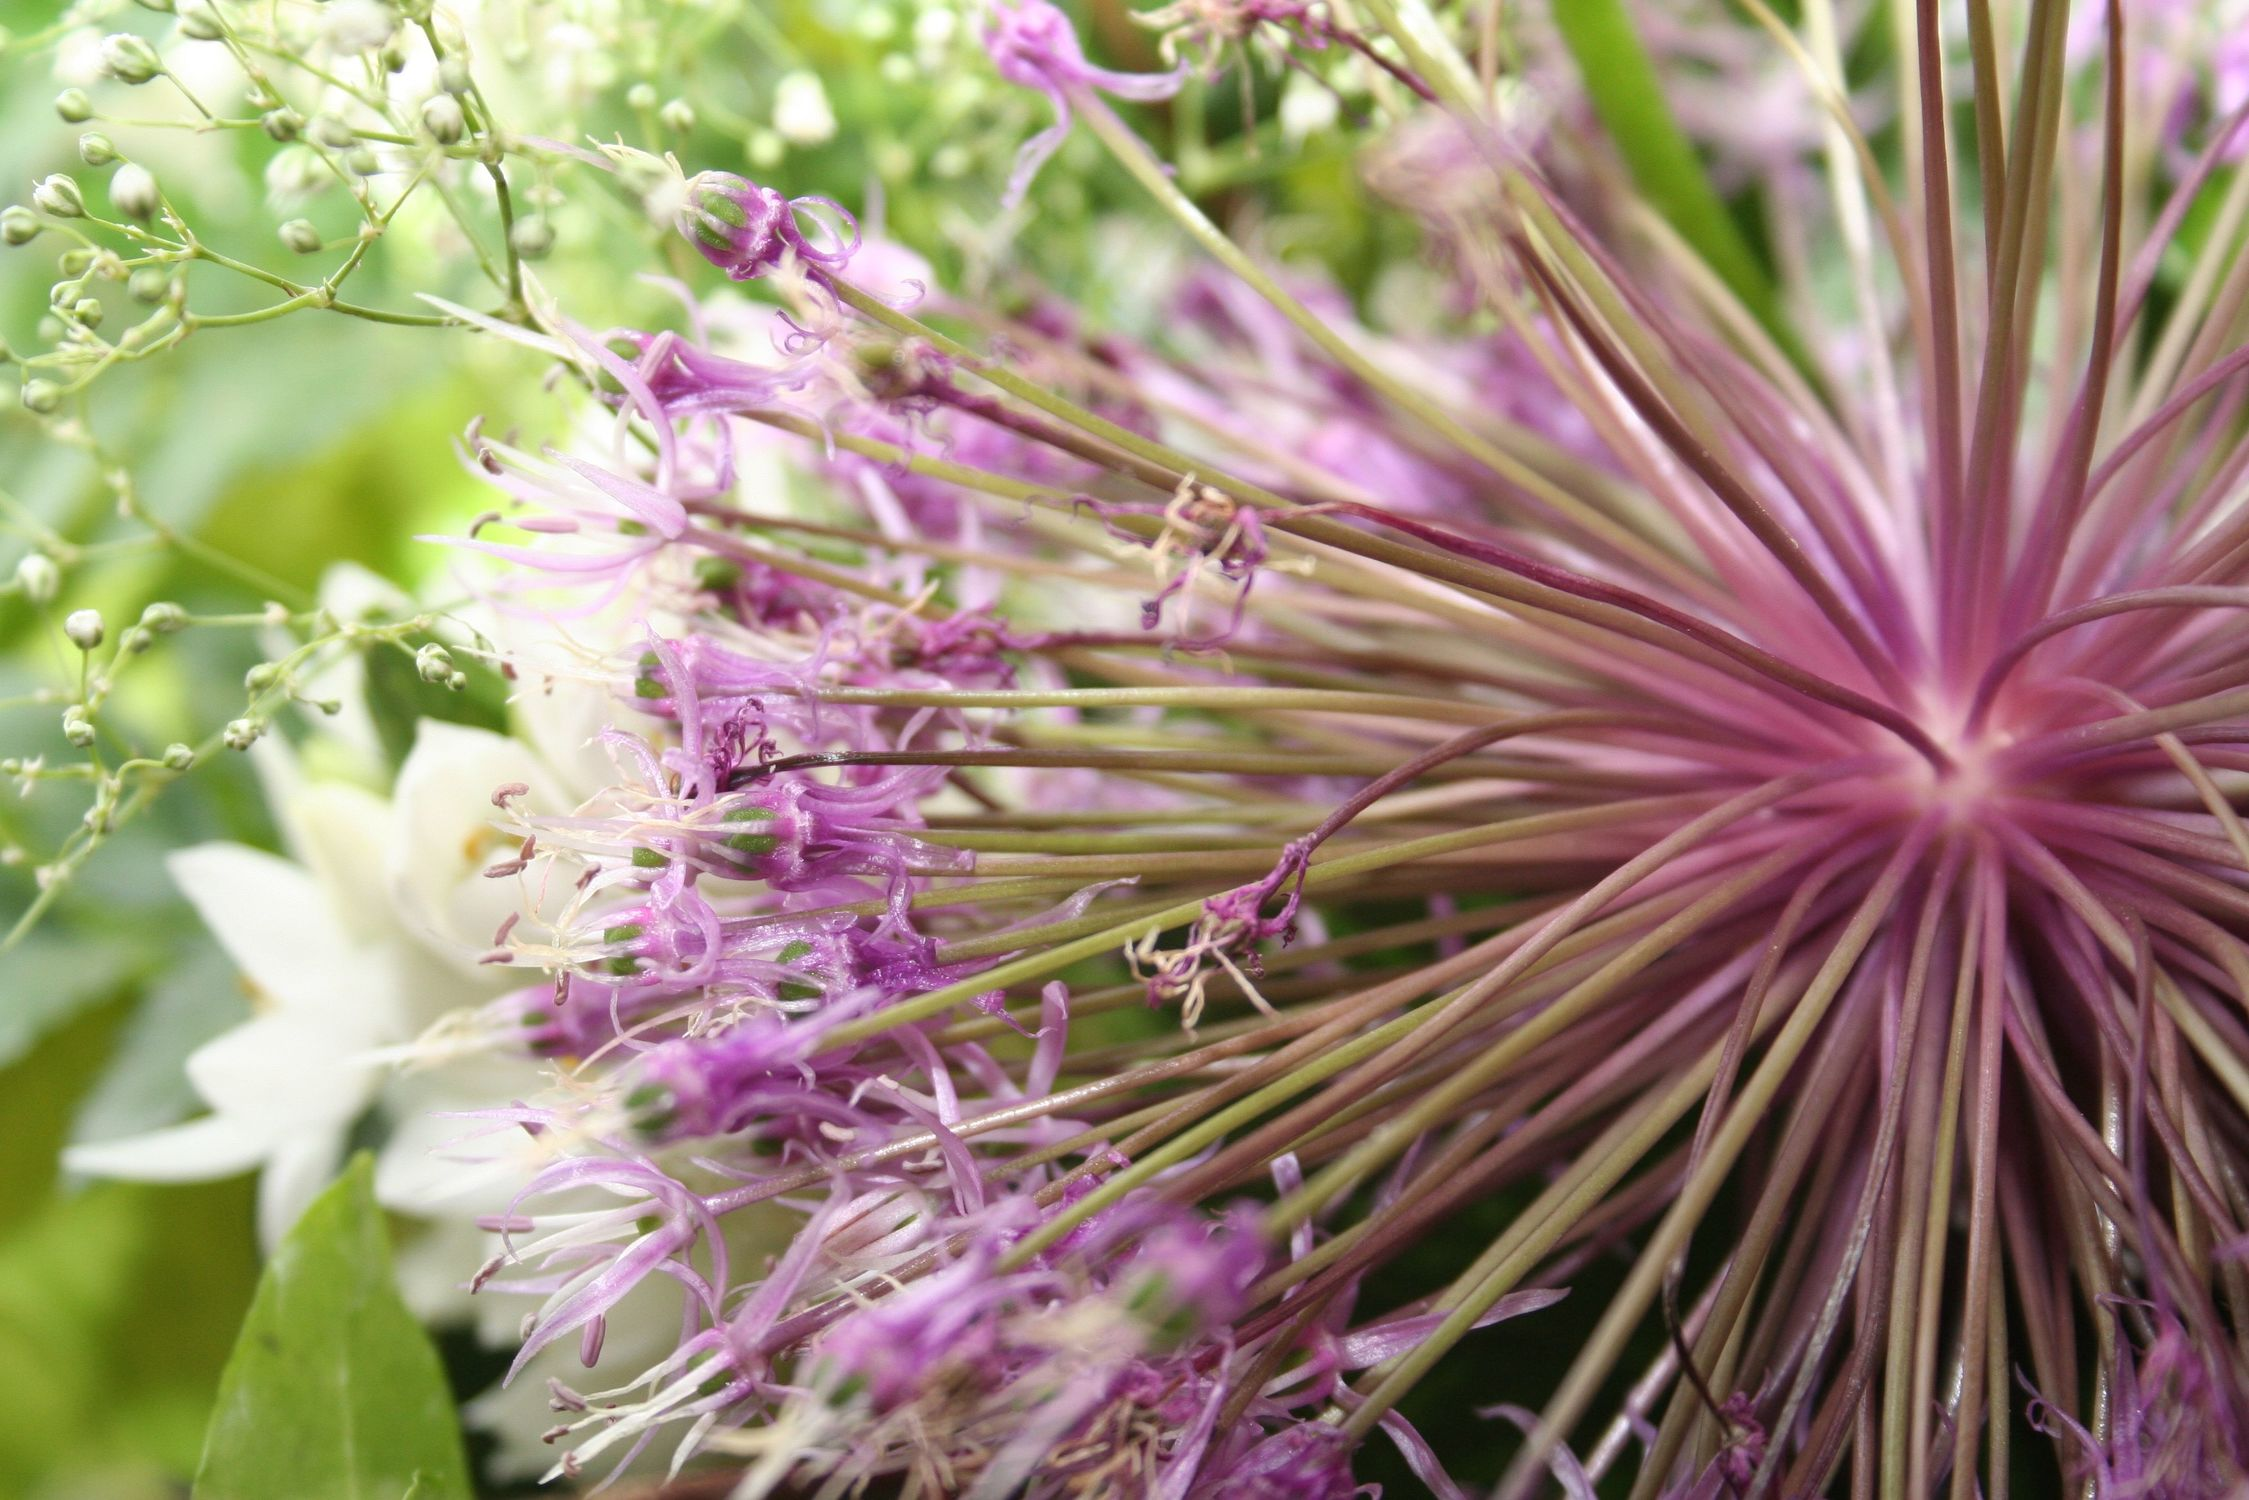 Bild mit Natur, Pflanzen, Blumen, Korbblütler, Disteln, Blume, Pflanze